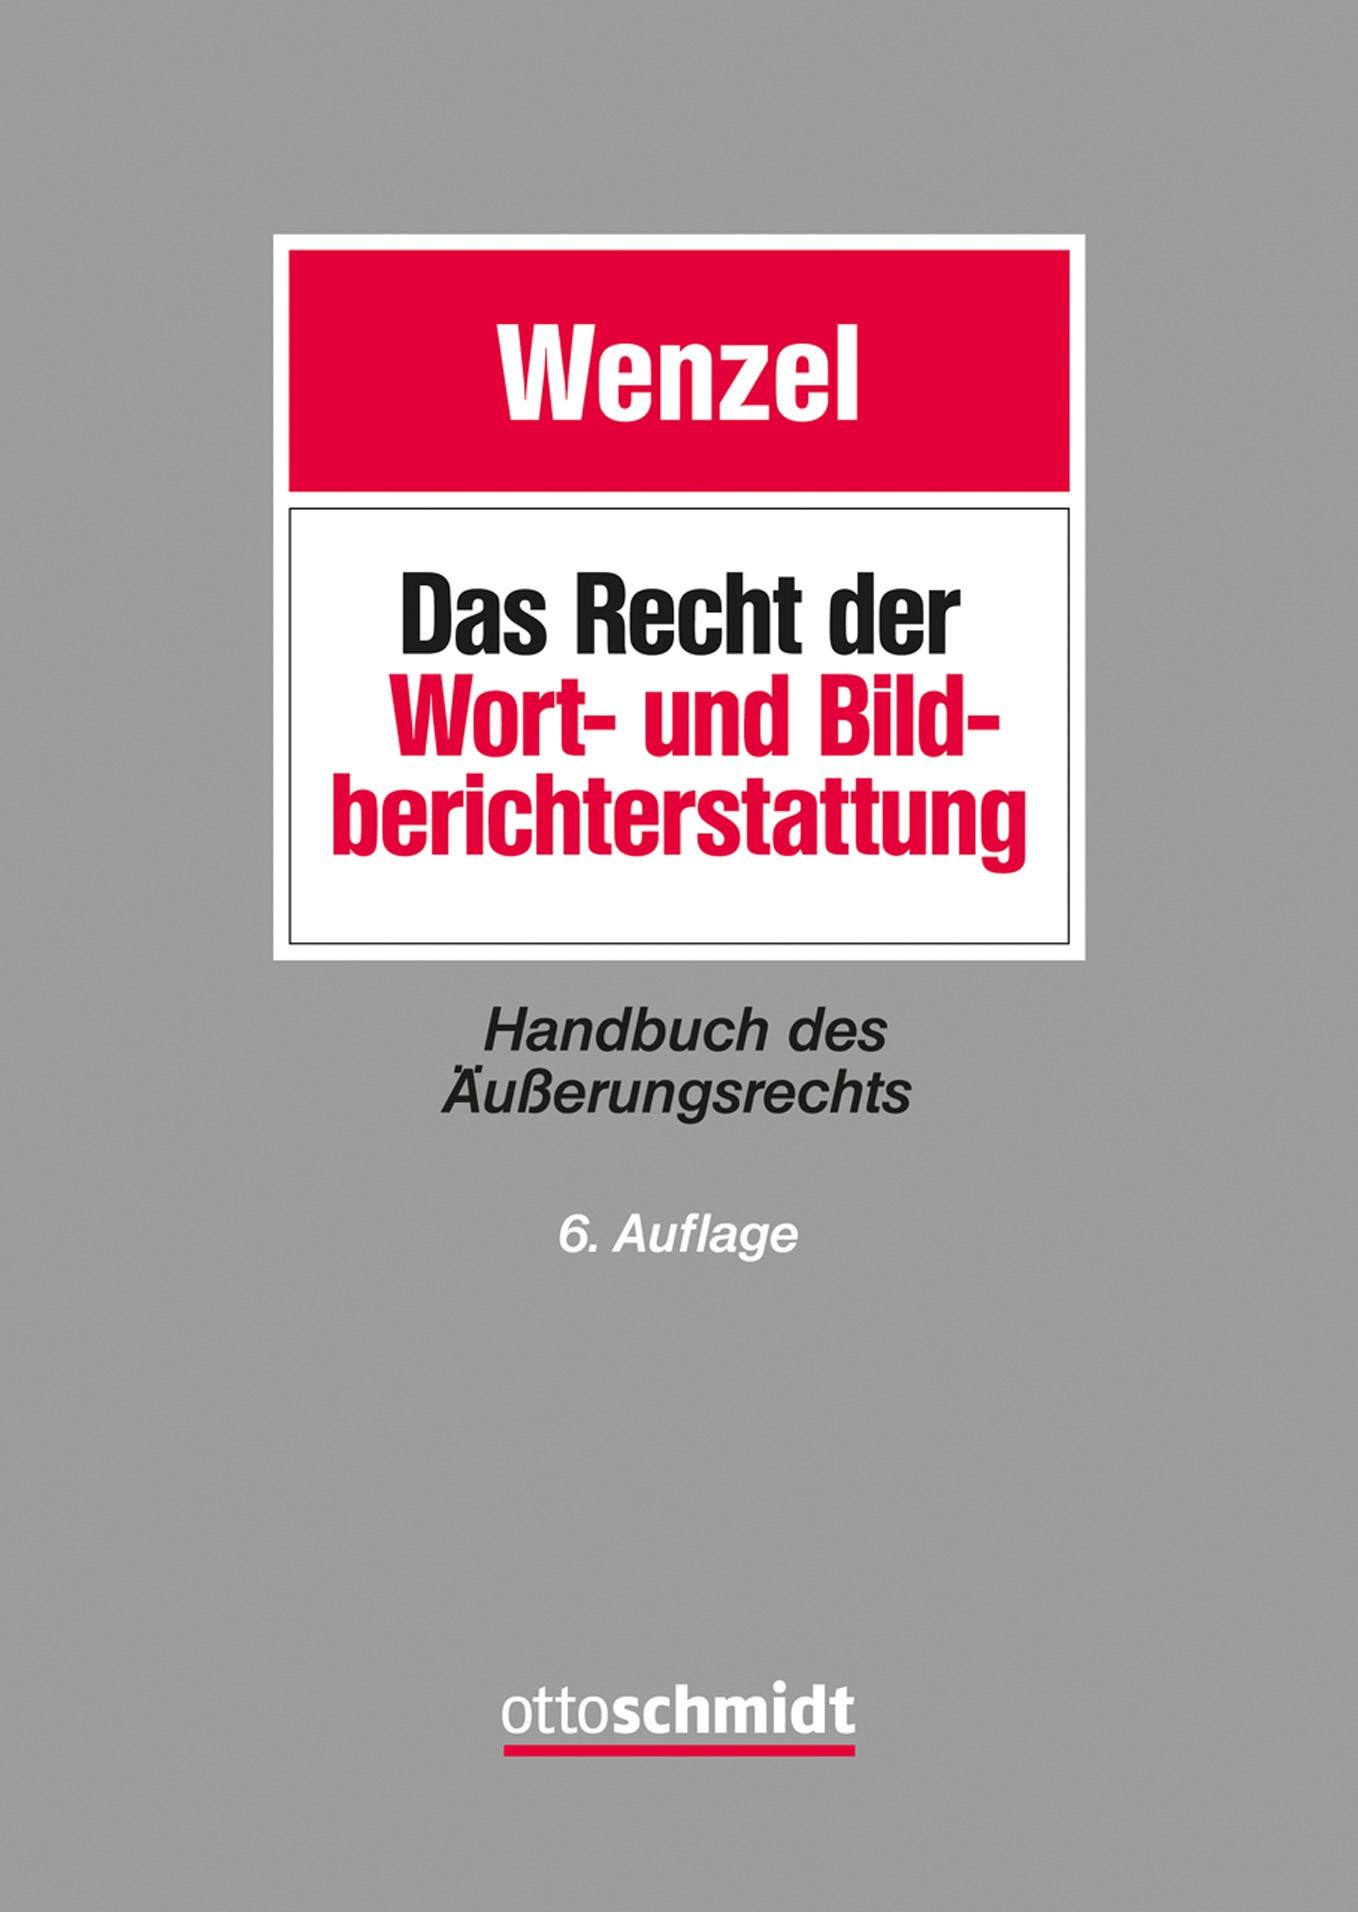 Das Recht der Wort- und Bildberichterstattung | Wenzel | 6. neu bearbeitete Auflage, 2018 | Buch (Cover)